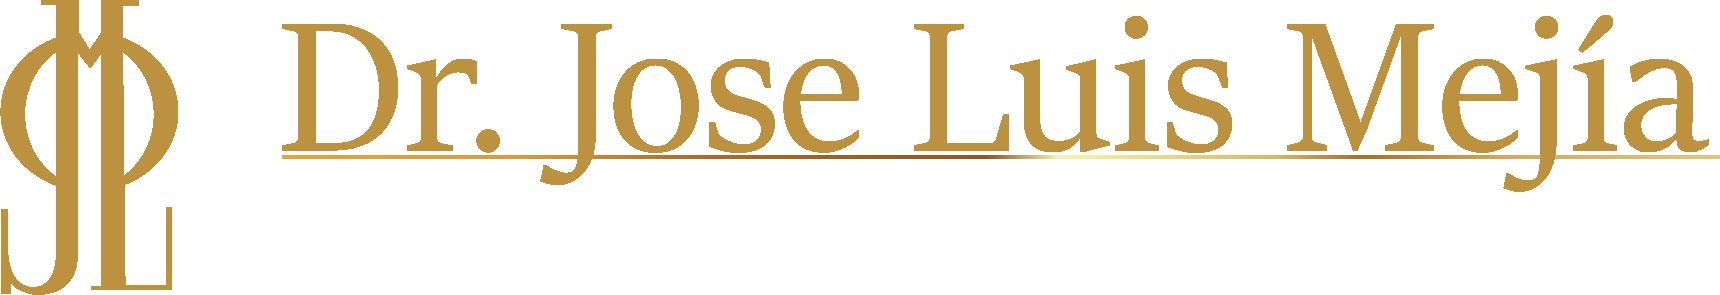 Dr. Jose Luis Mejía ..:: Cirujano estético en Santiago, República Dominicana ::..